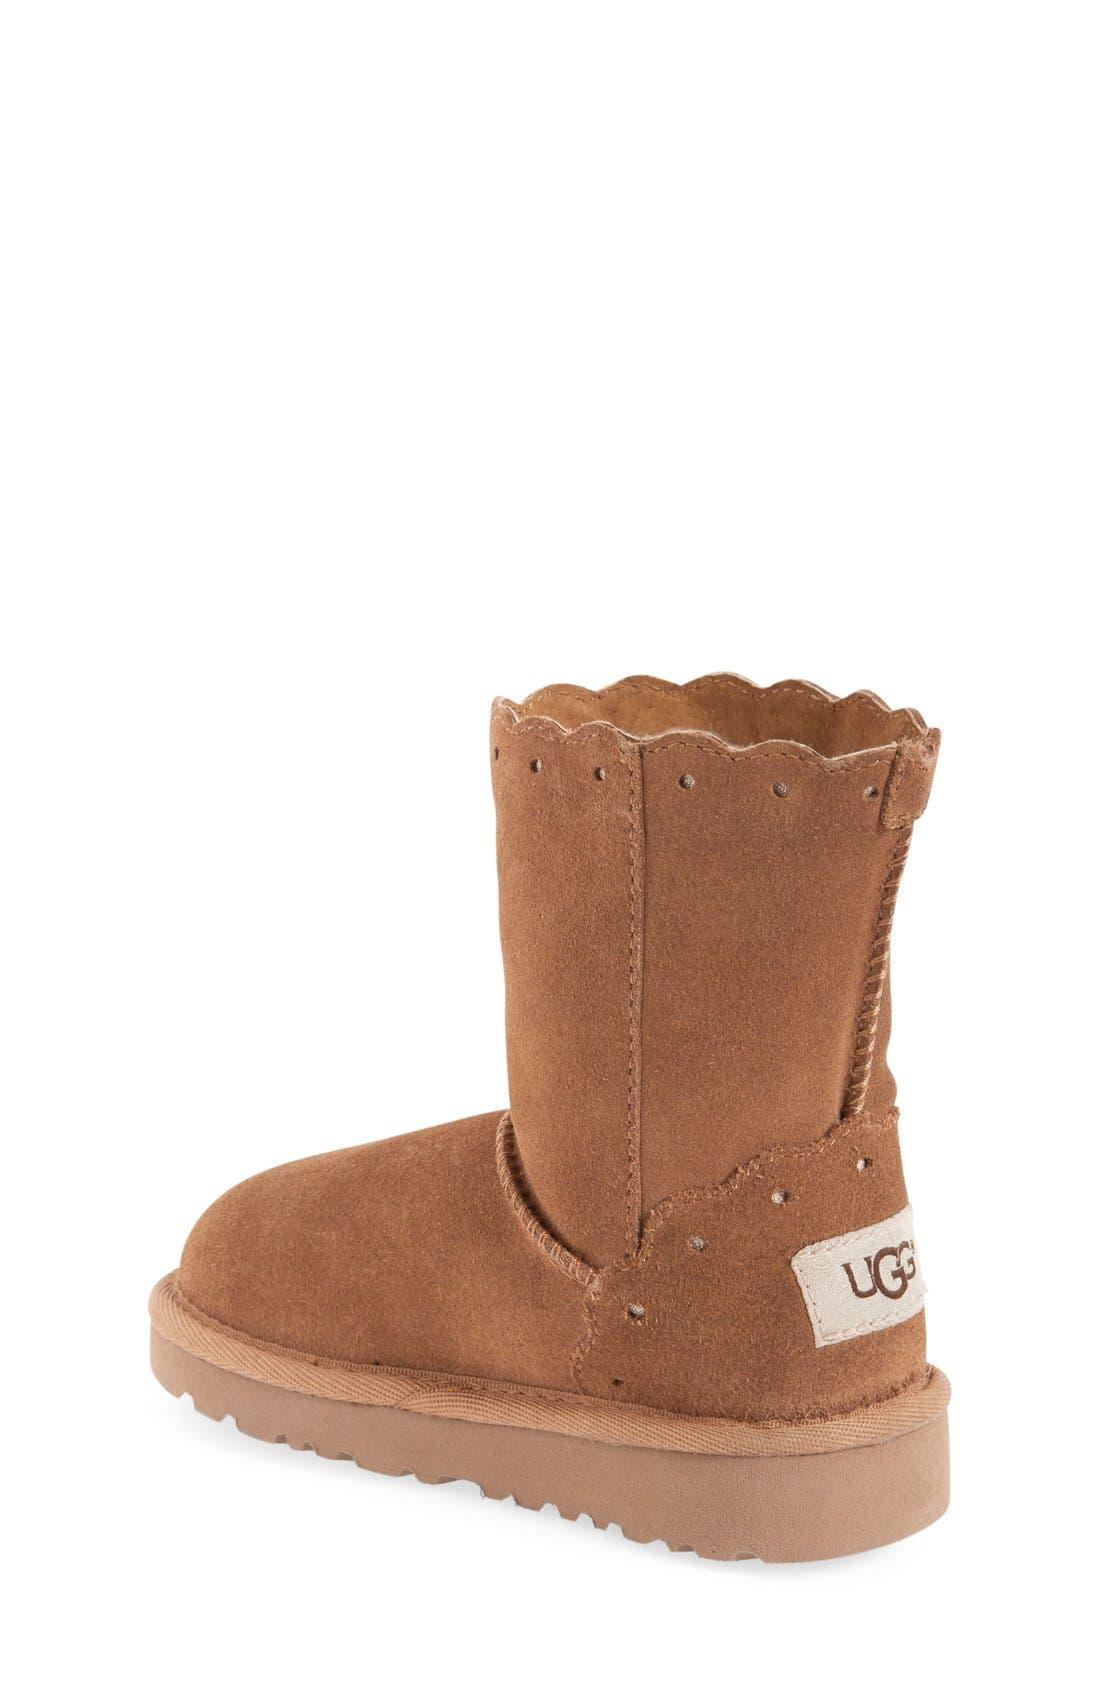 Alternate Image 2  - UGG® Fame Boot (Walker, Toddler, Little Kid & Big Kid) (Nordstrom Exclusive)